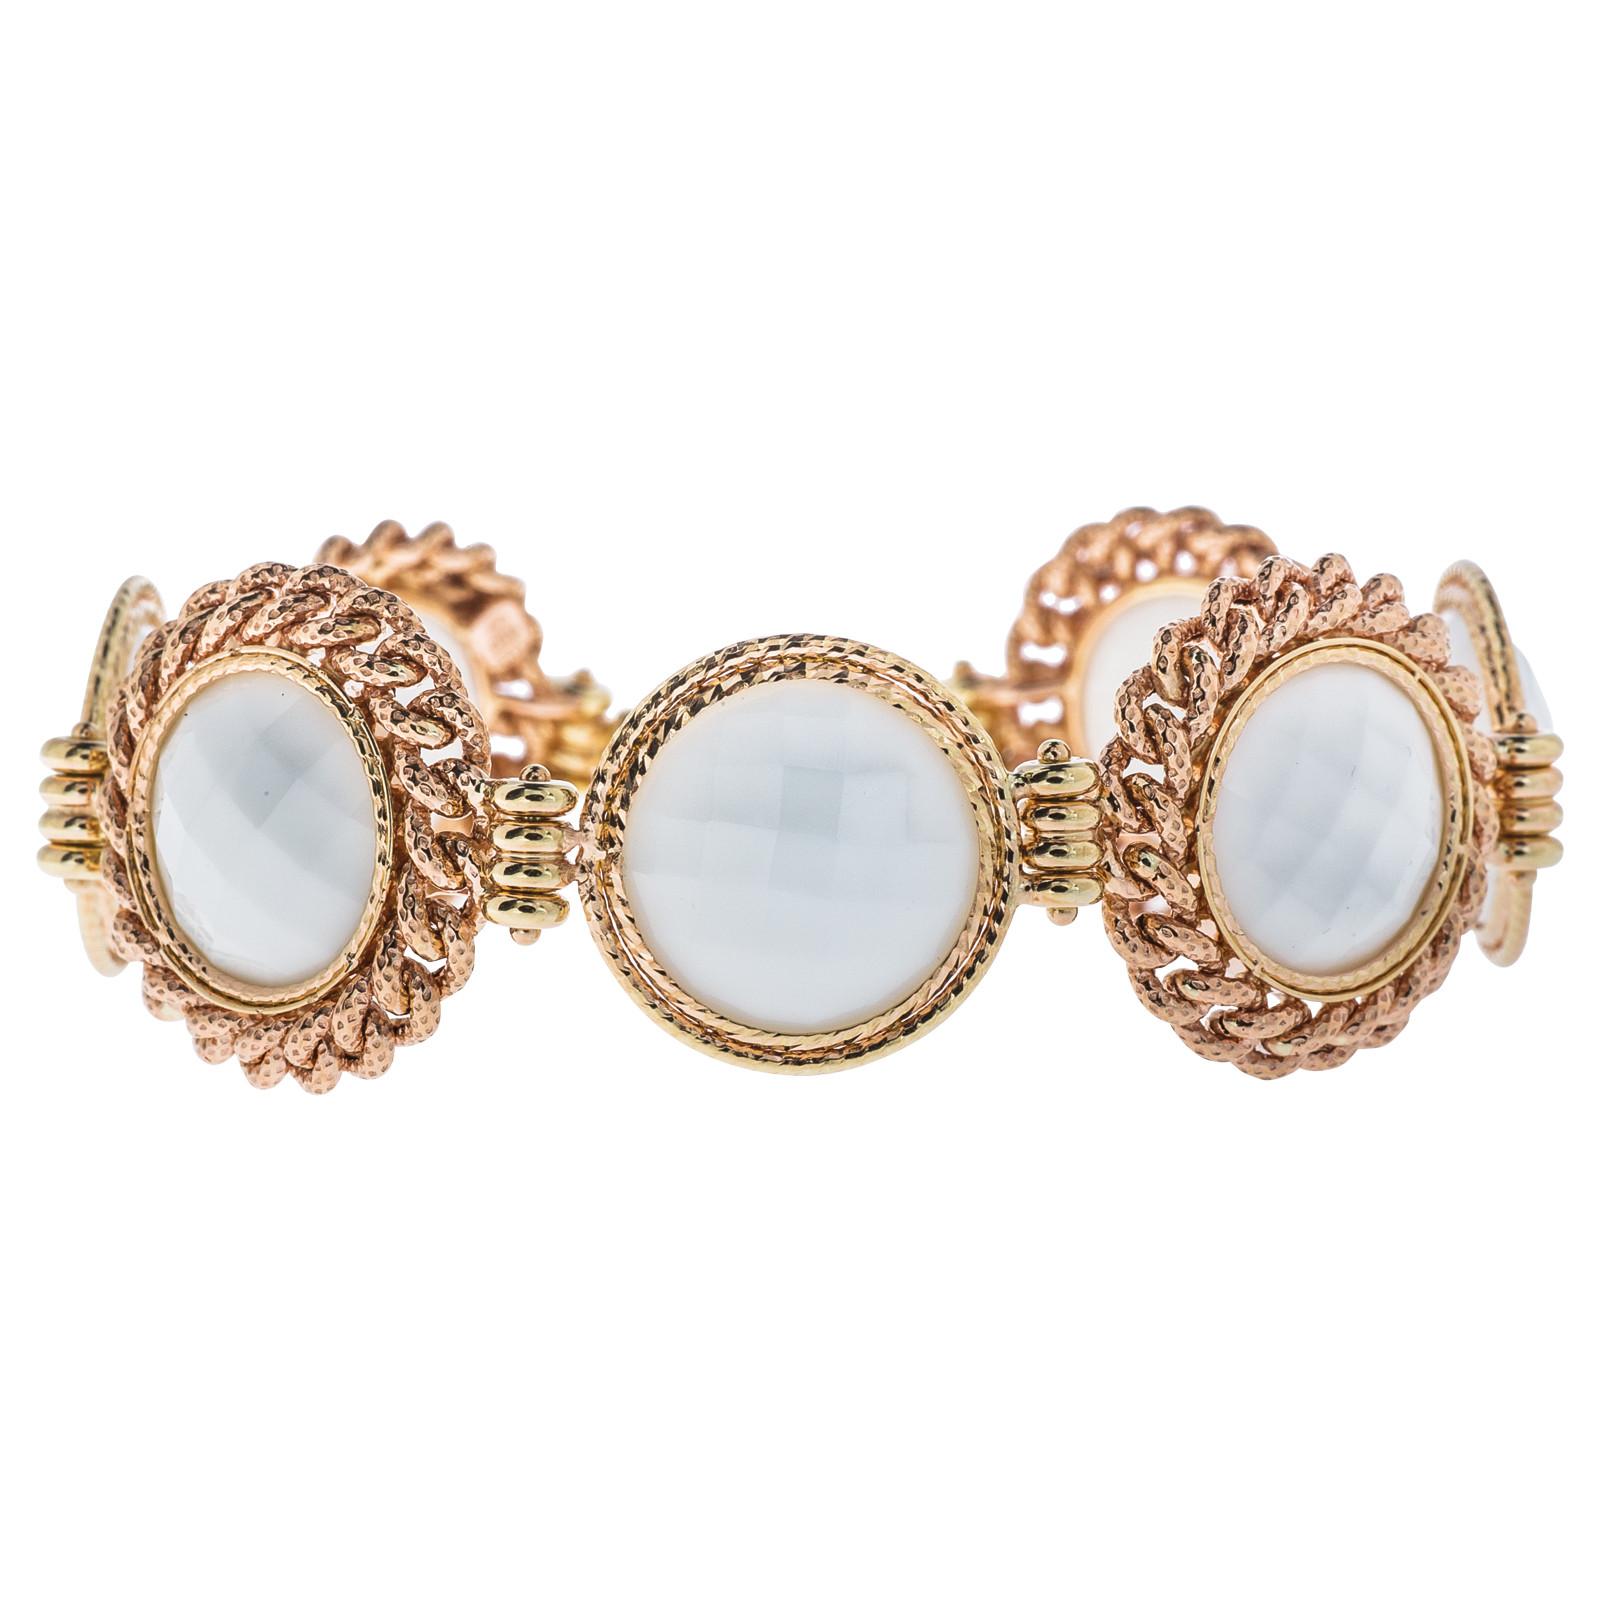 Vintage White Agate Bracelet